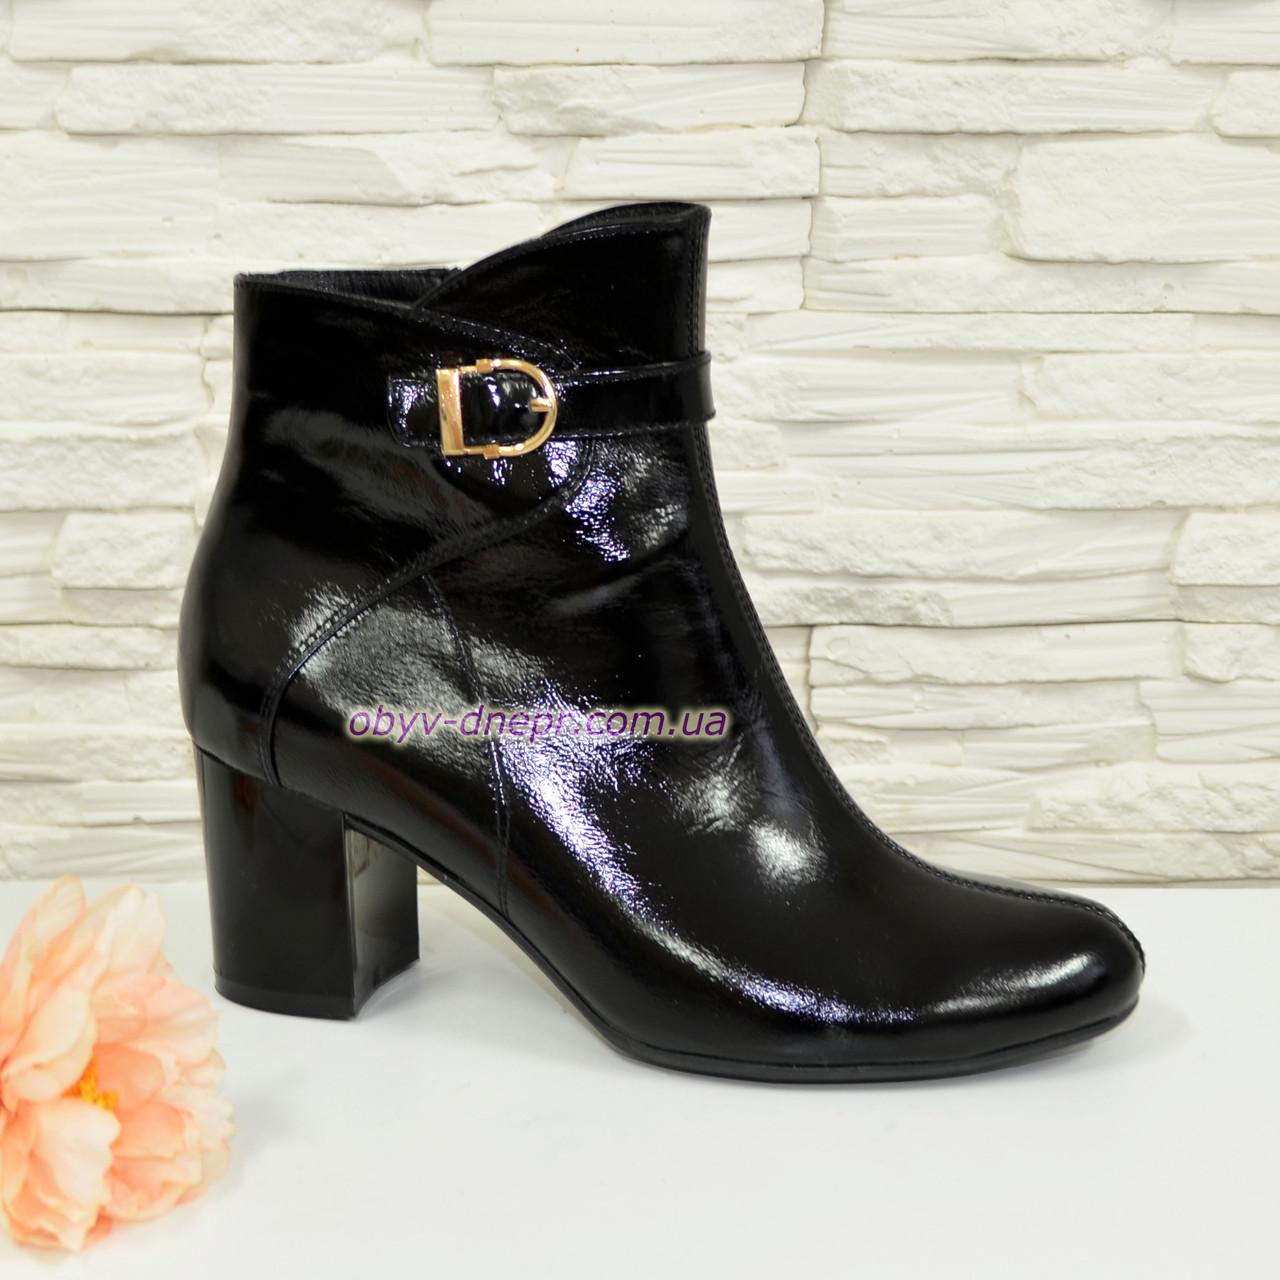 Ботинки женские черные на невысоком каблуке. Натуральная лаковая кожа.